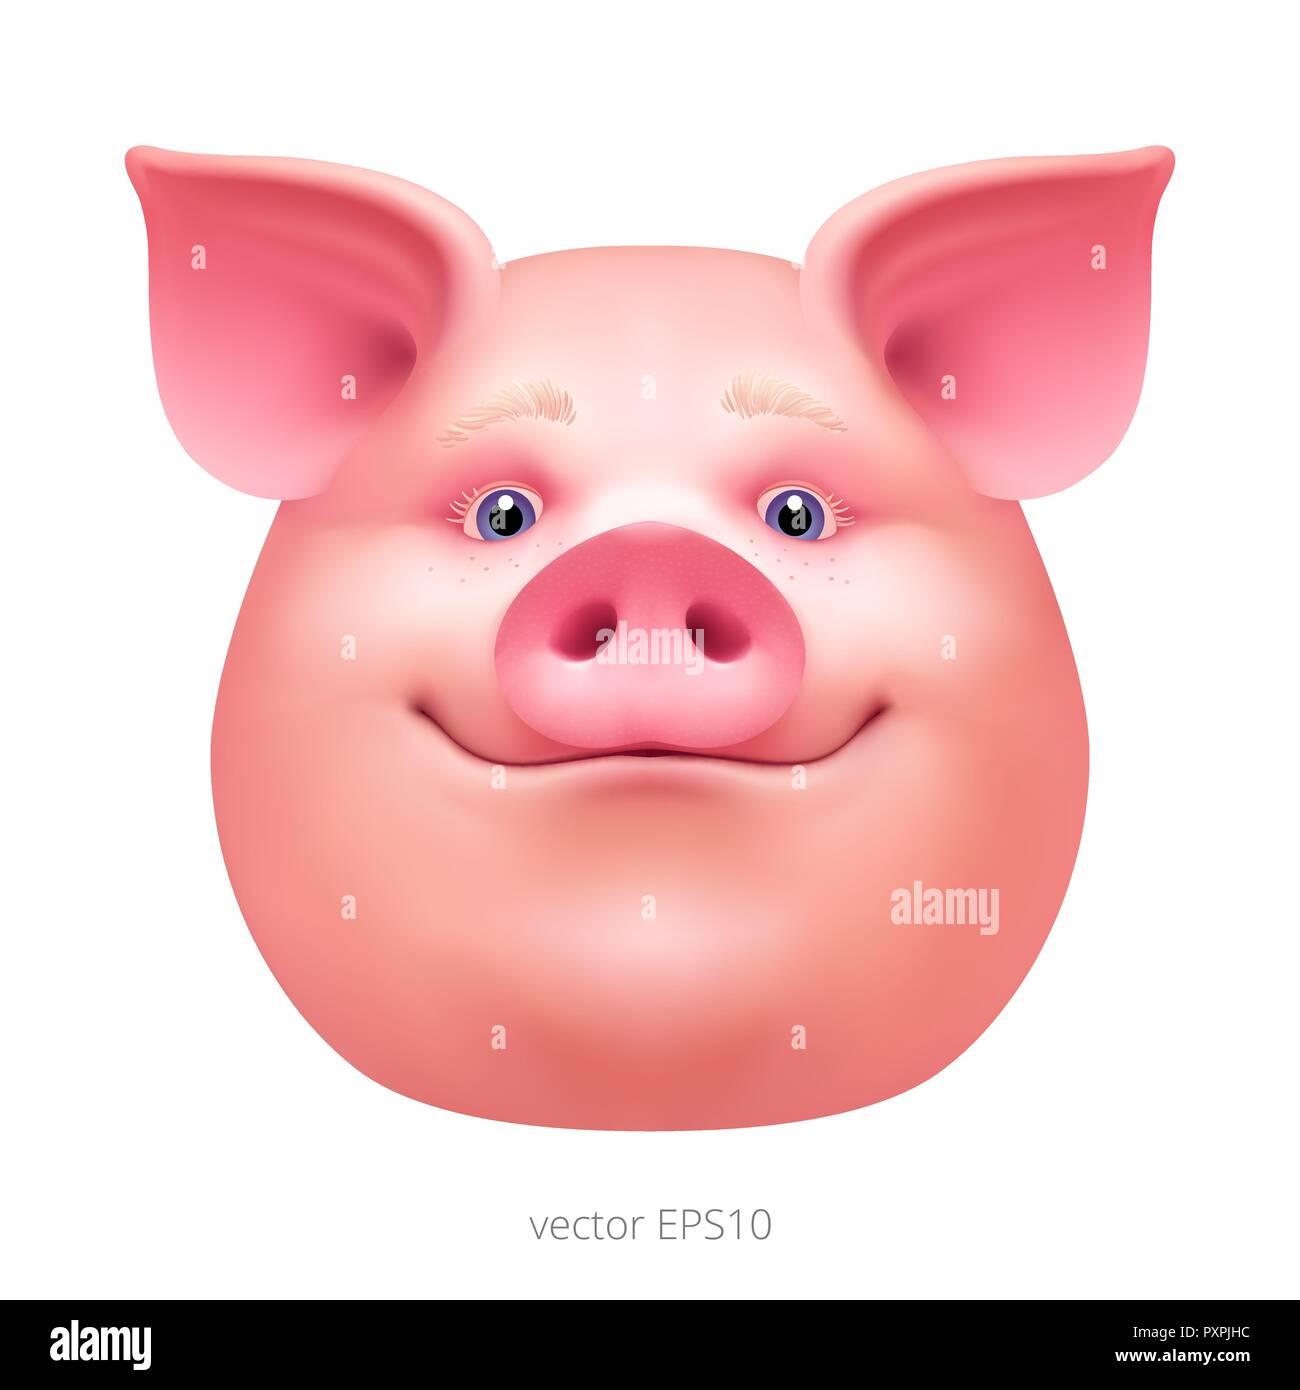 Chef D Un Vecteur Heureux Cochon Visage Surpris D Un Porc Gras Portrait D Un Porc Rose Masque De Cochon Pour Celebrer La Nouvelle Annee 2019 Clipart Realiste Image Vectorielle Stock Alamy